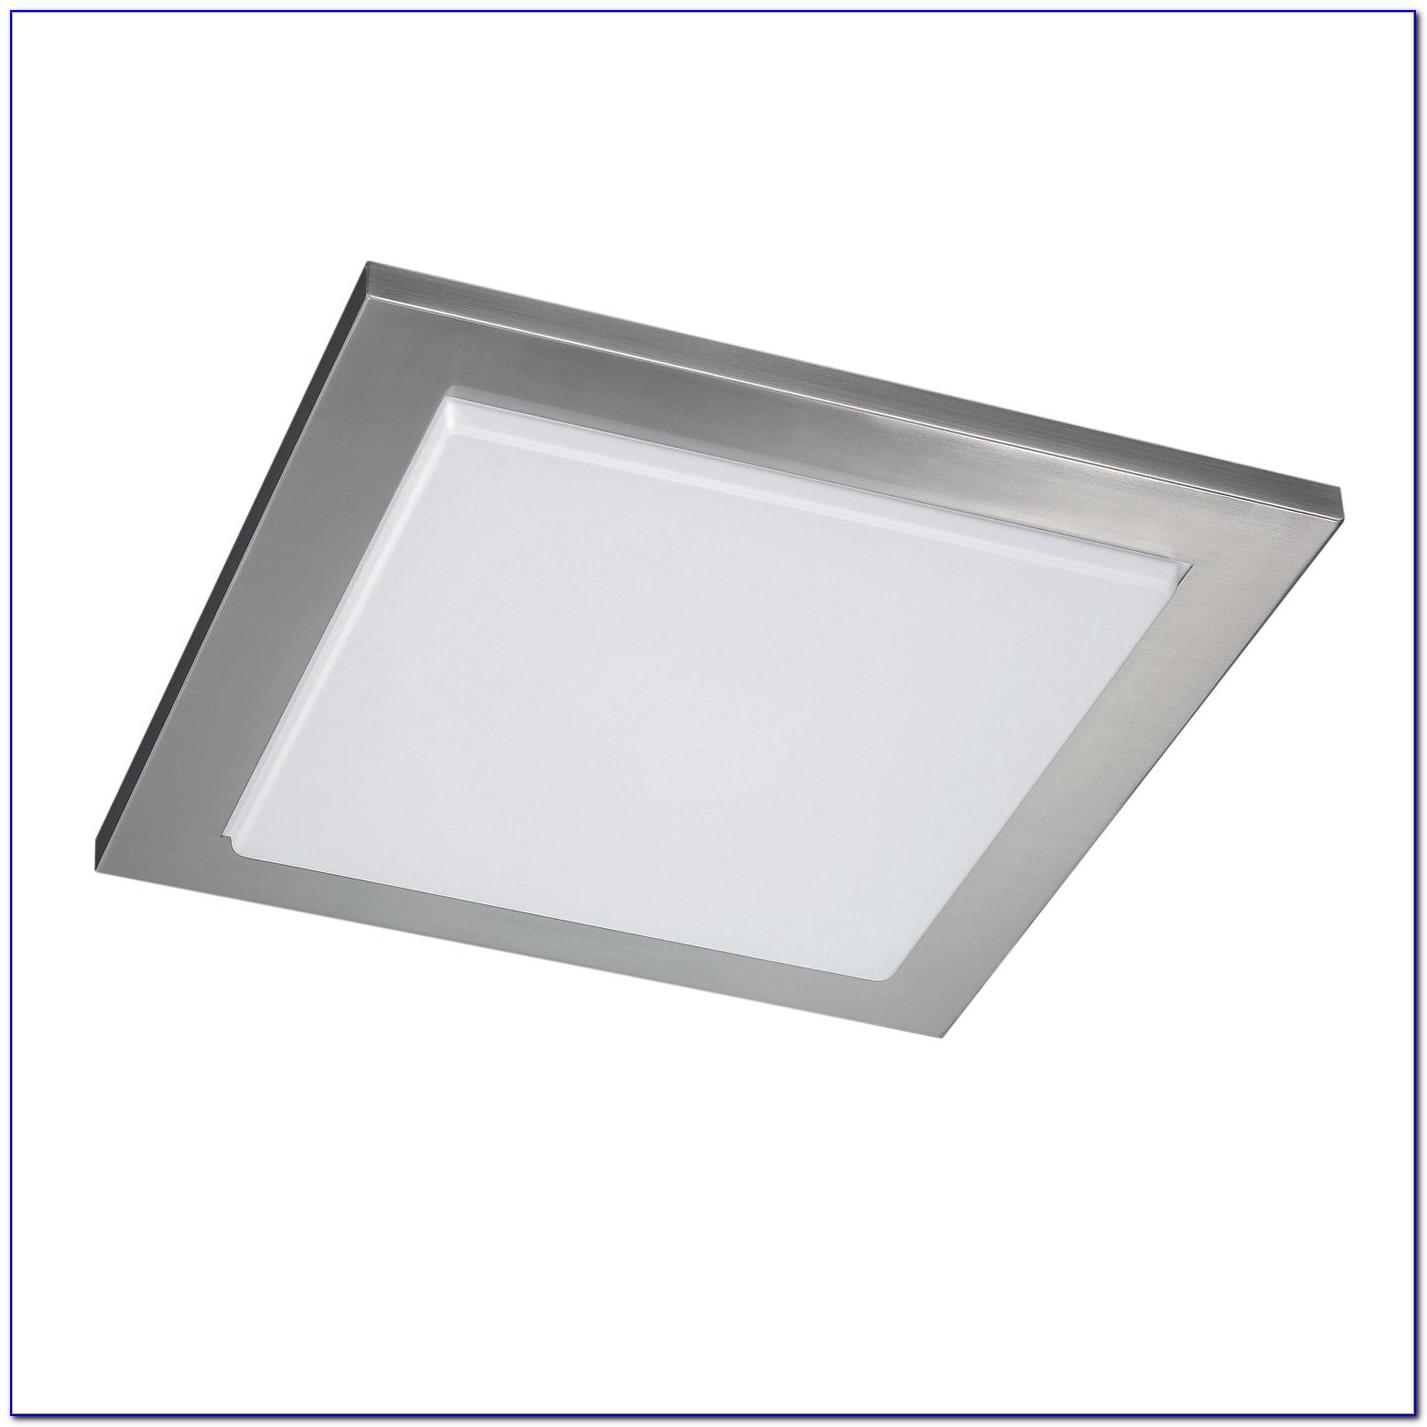 Square Ceiling Light Fixture Recessed